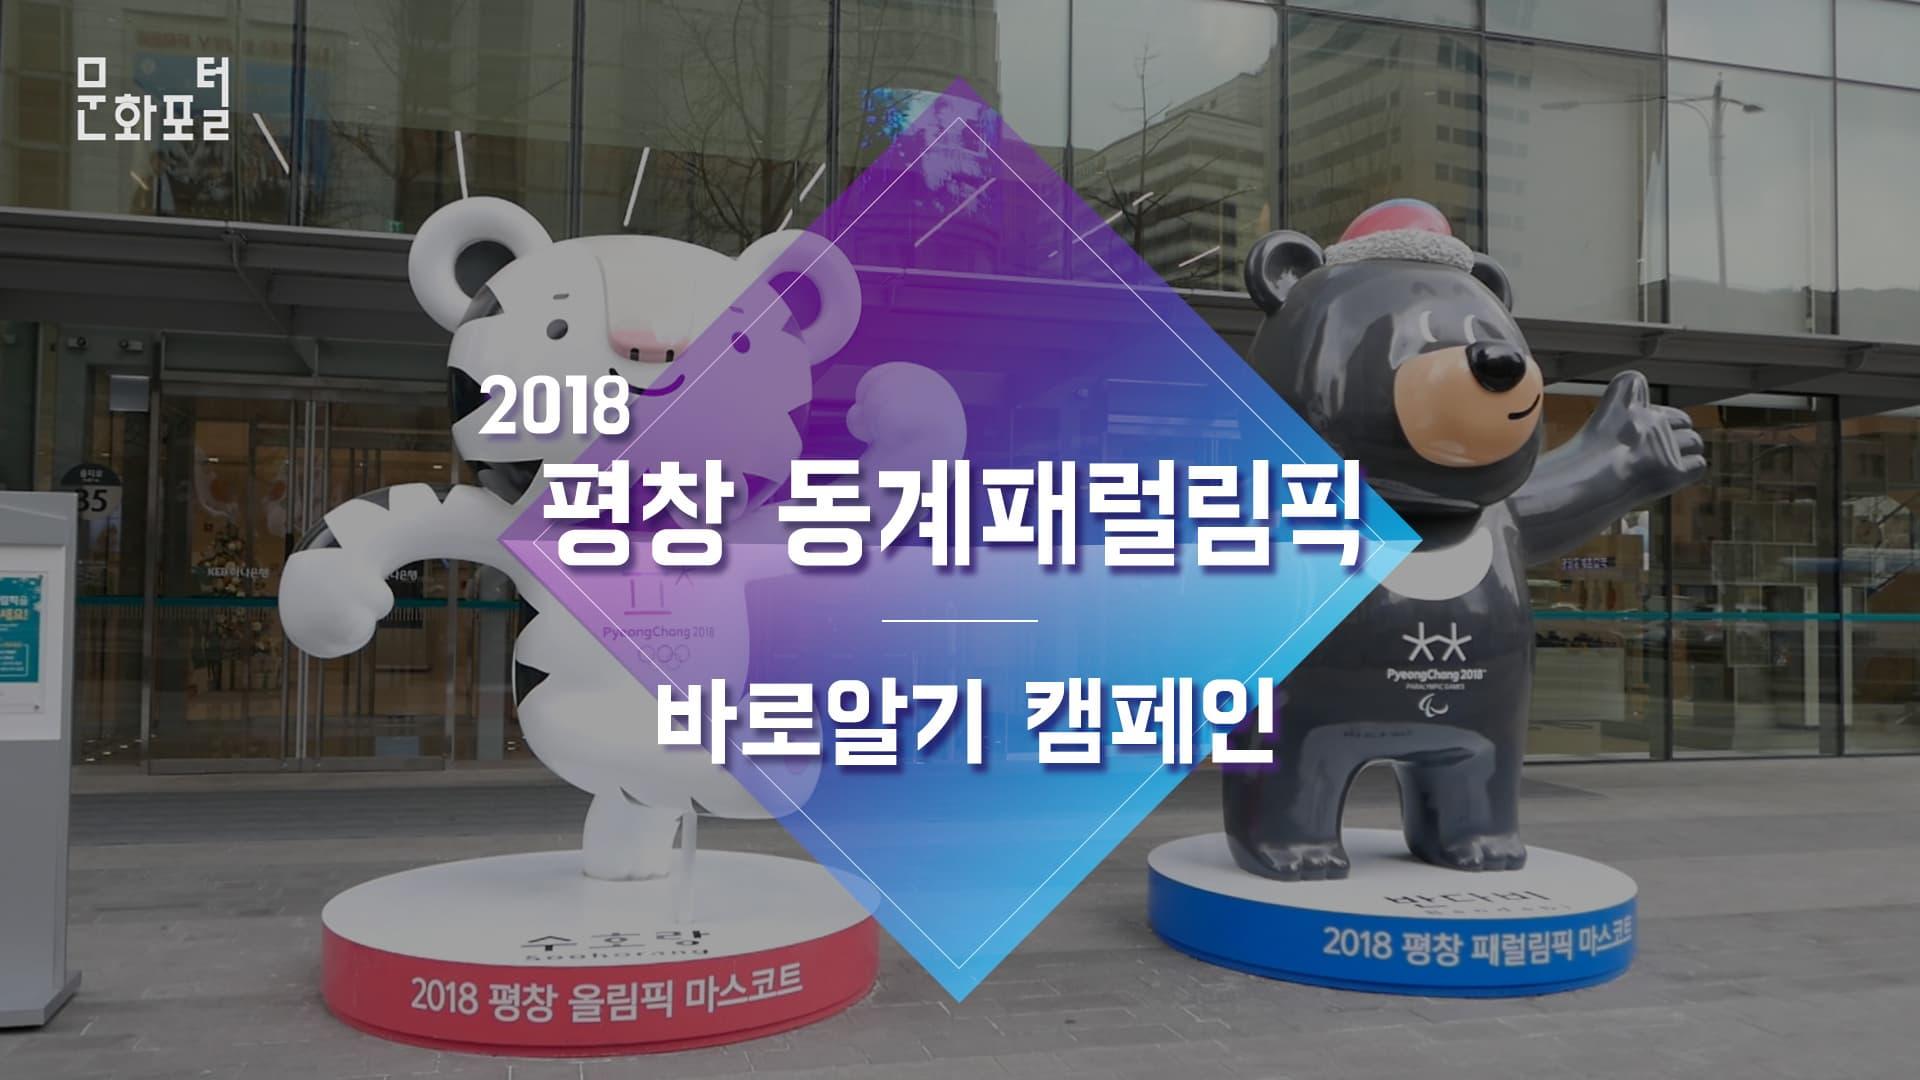 [2018 평창] 동계패럴림픽 바로알기 캠페인